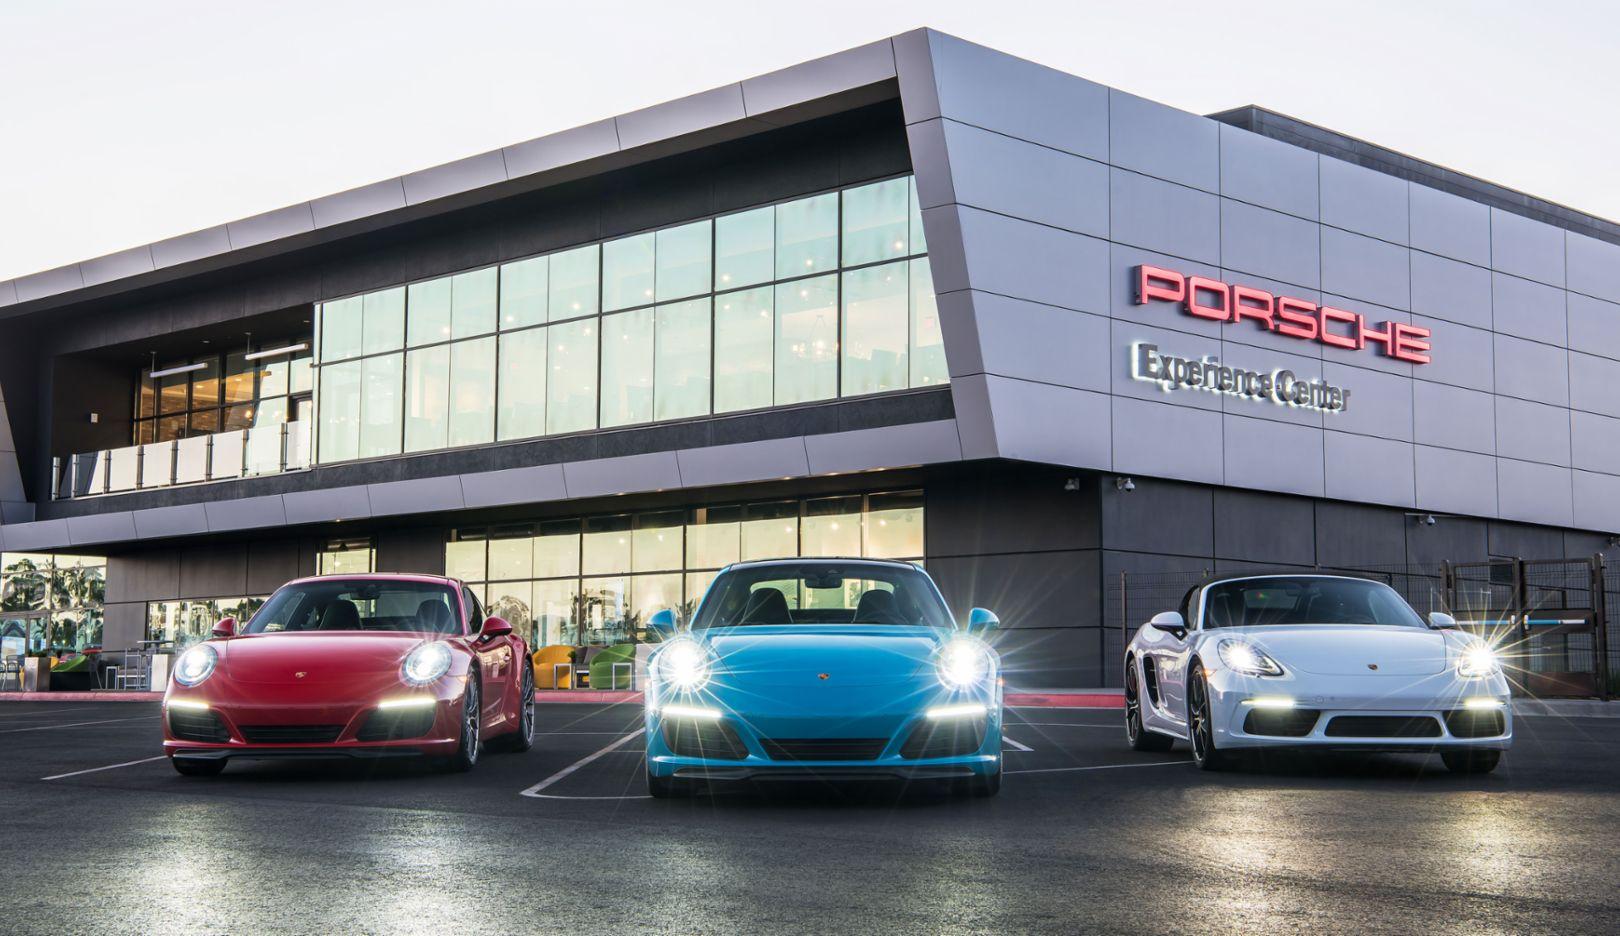 911 Carrera, 911 Carrera 4S, 718 Boxster S, Porsche Experience Center, Los Angeles, 2016, Porsche AG